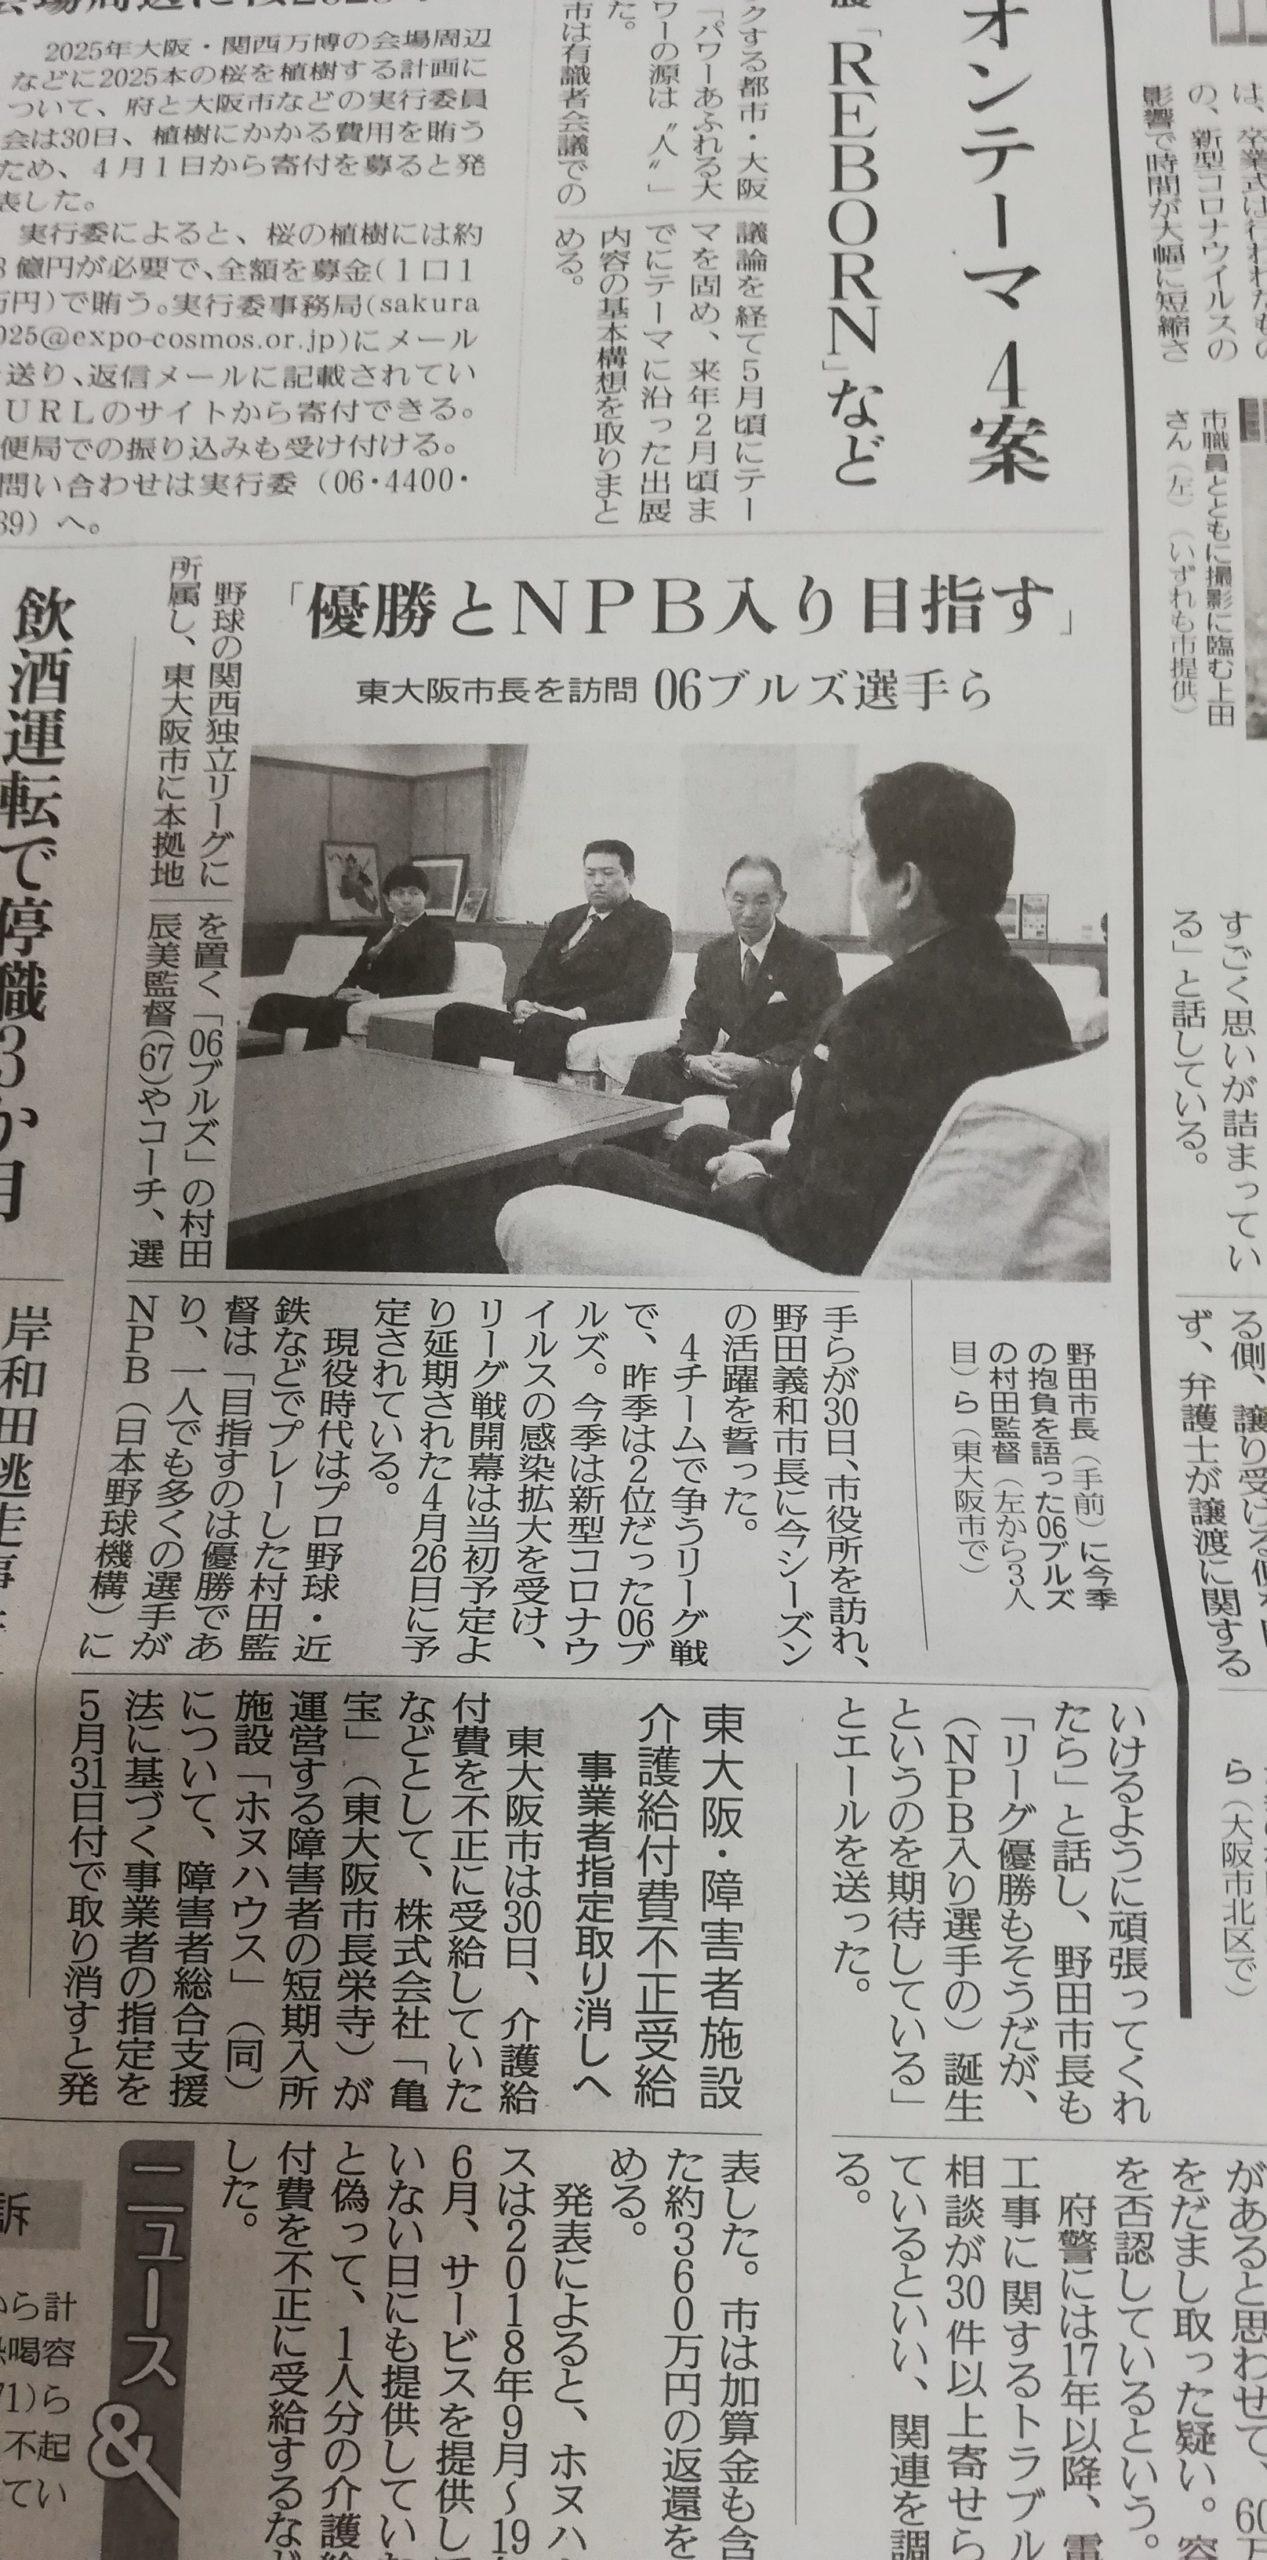 06ブルズ表敬訪問 読売新聞 3/31